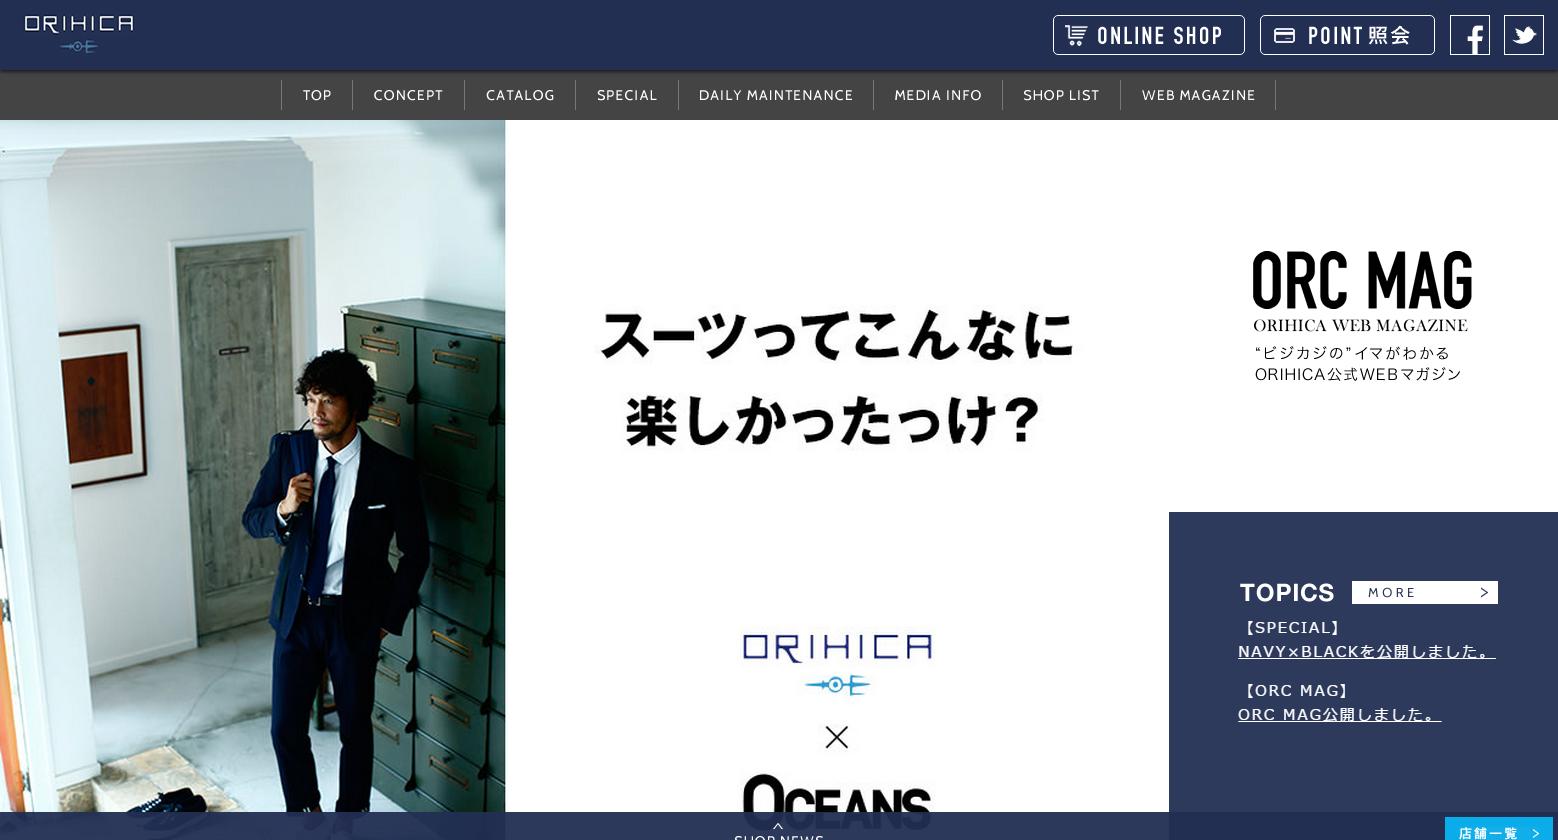 ORIHICA(オリヒカ) メンズ&レディス スーツ・フォーマル・カジュアルショップ